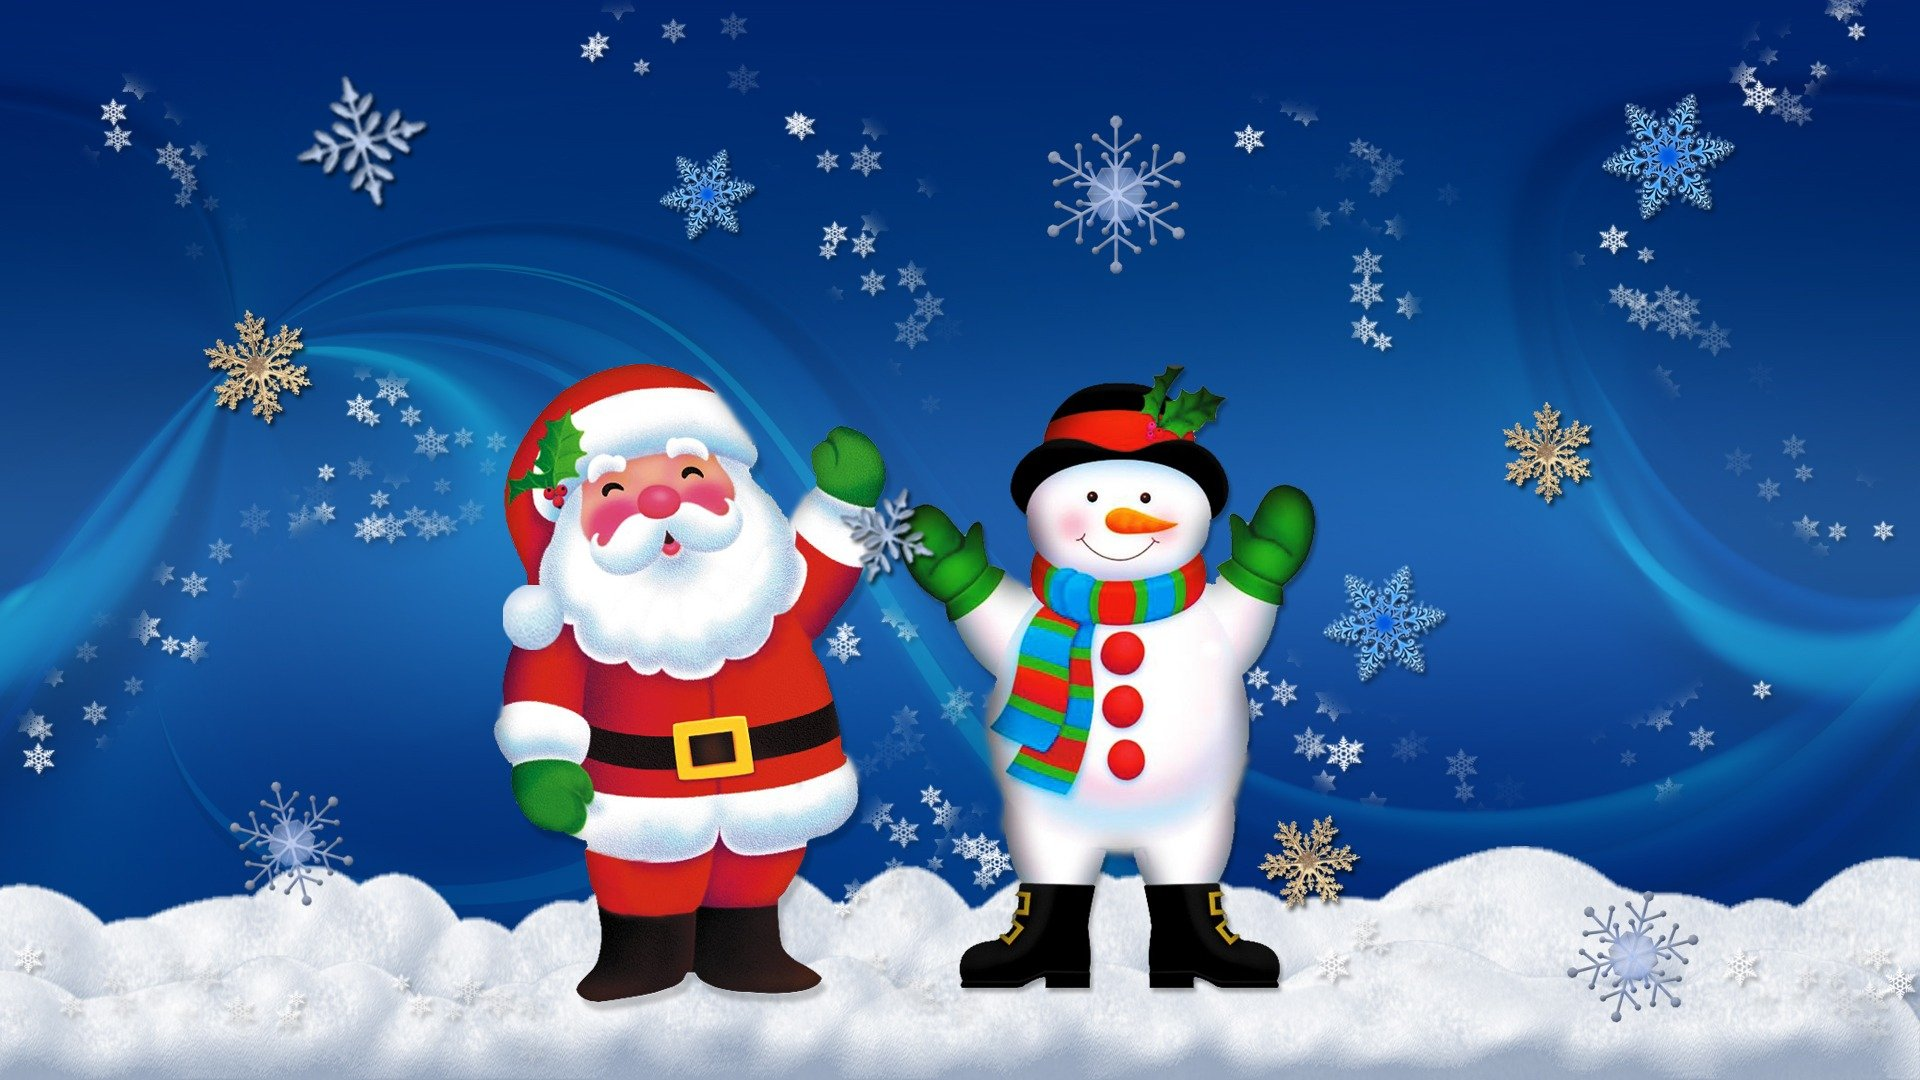 Santa and snowman wallpapers Santa and snowman stock photos 1920x1080